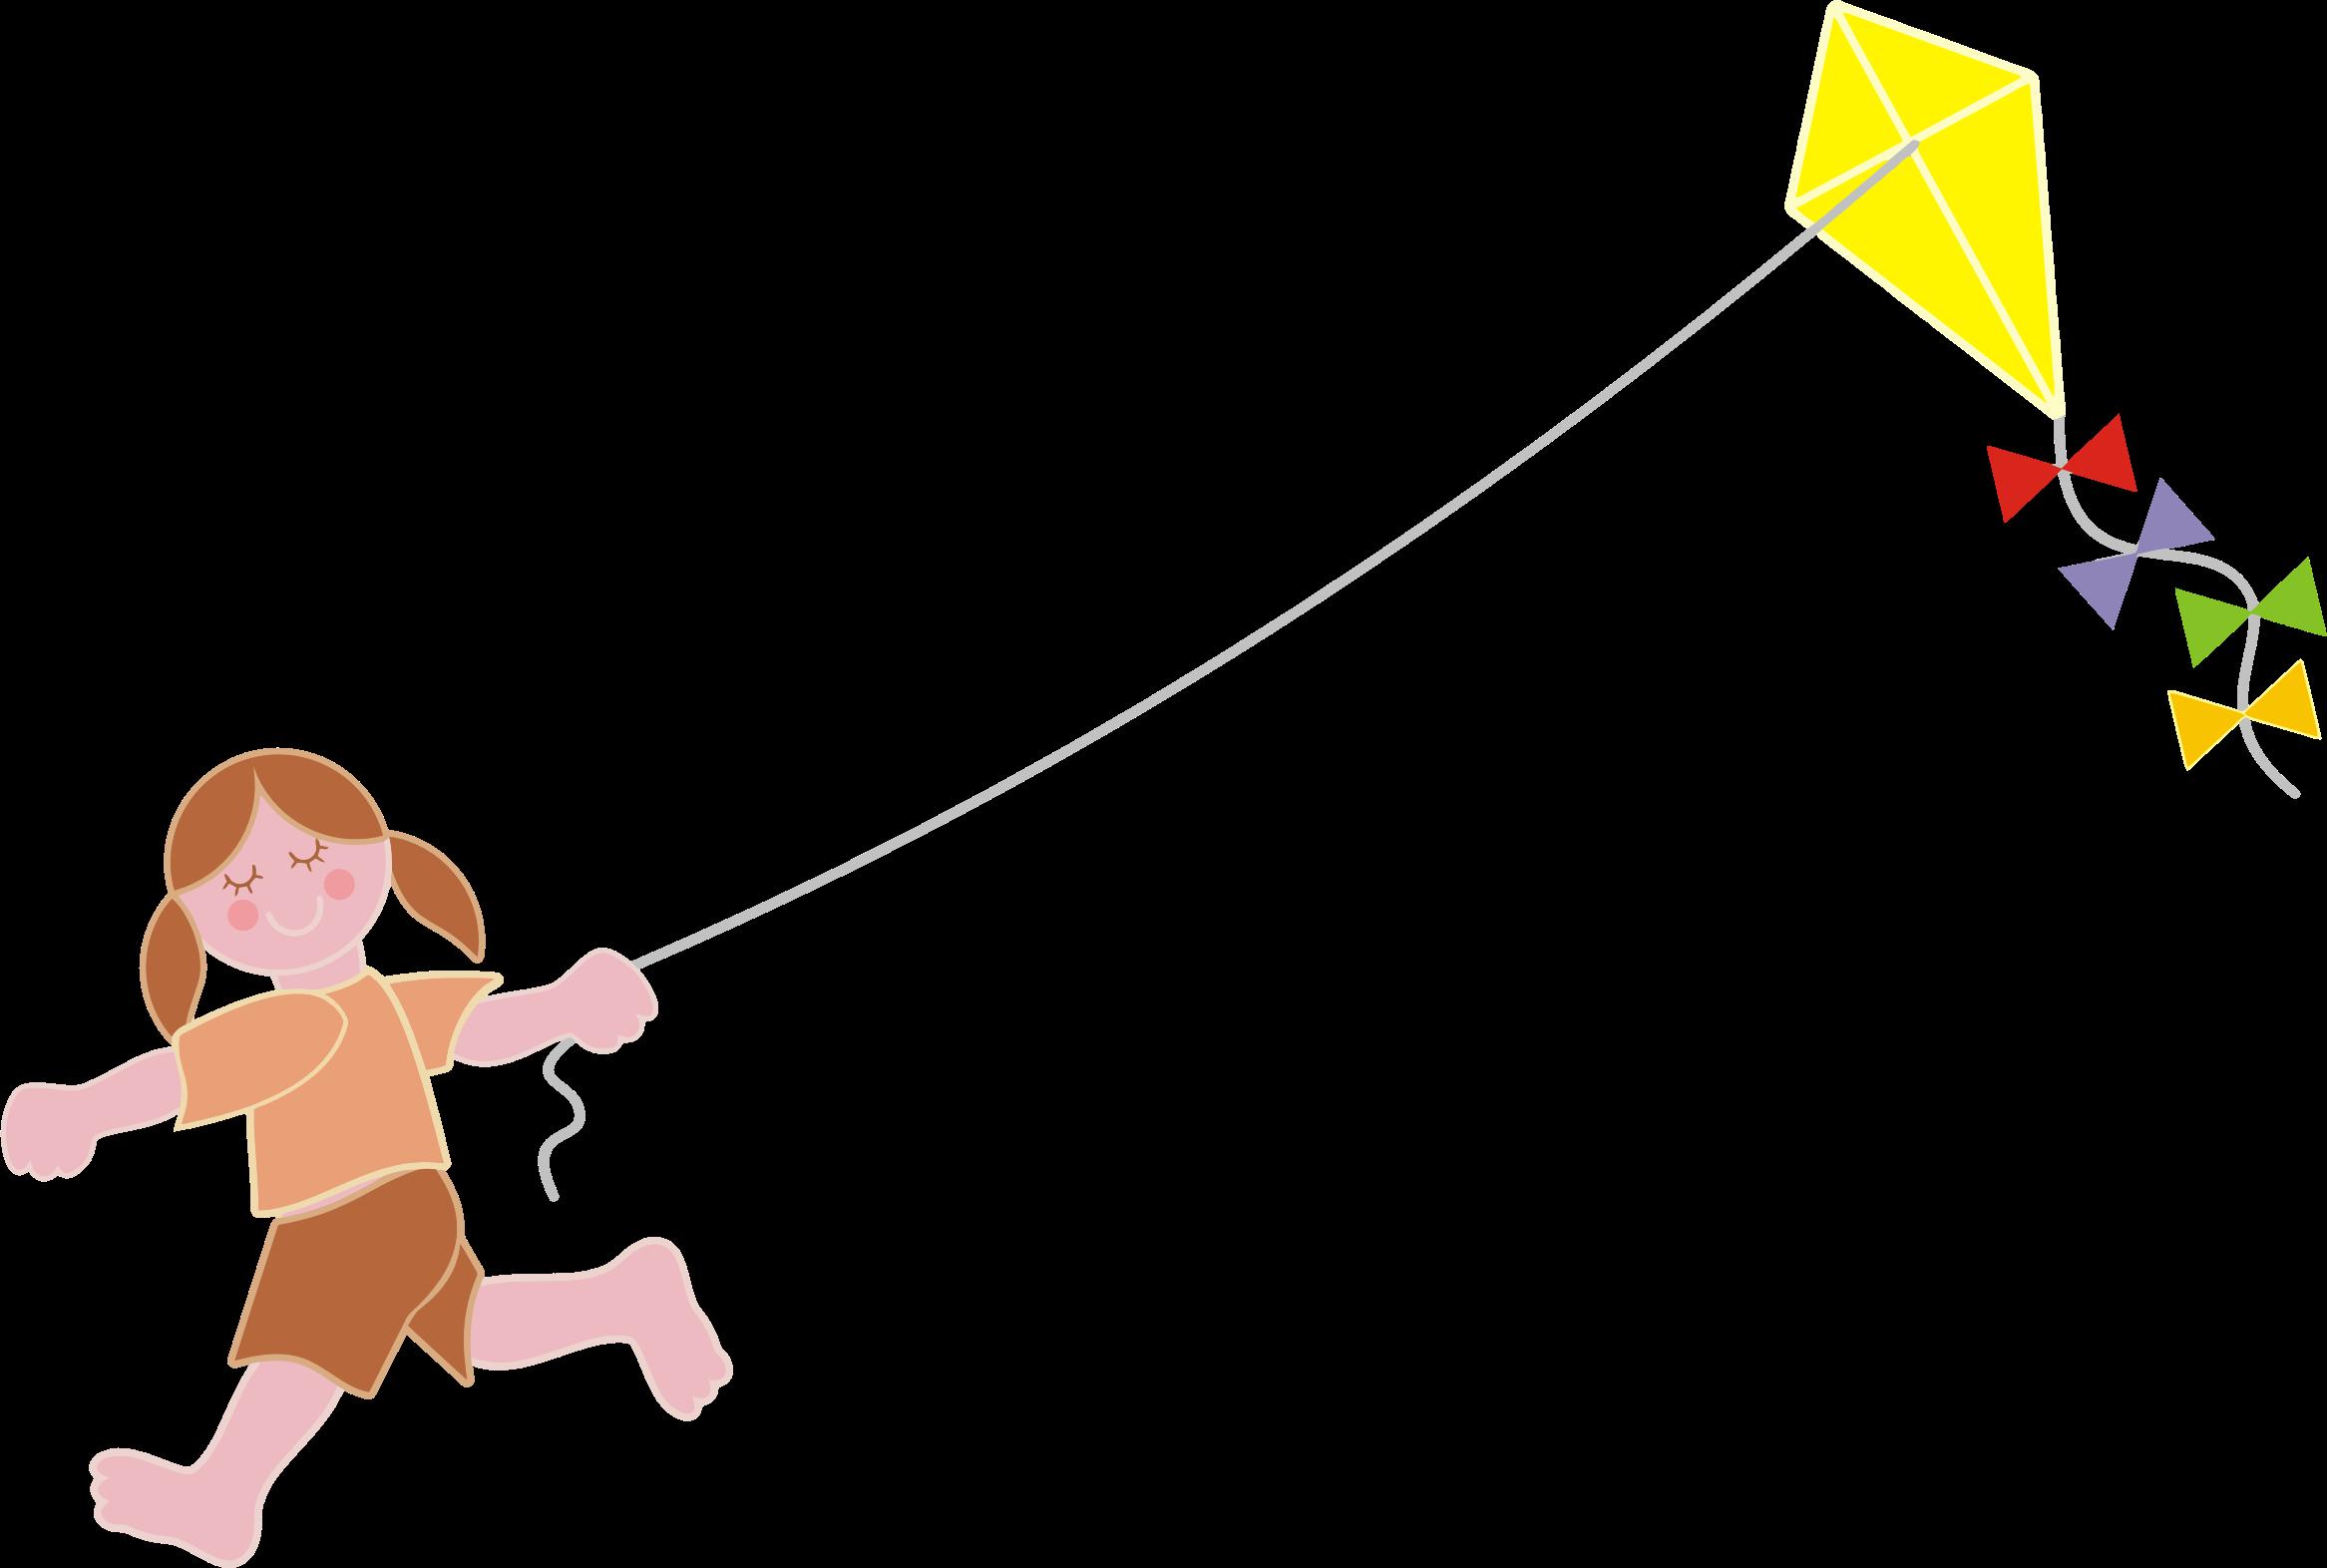 kite clipart girl holding